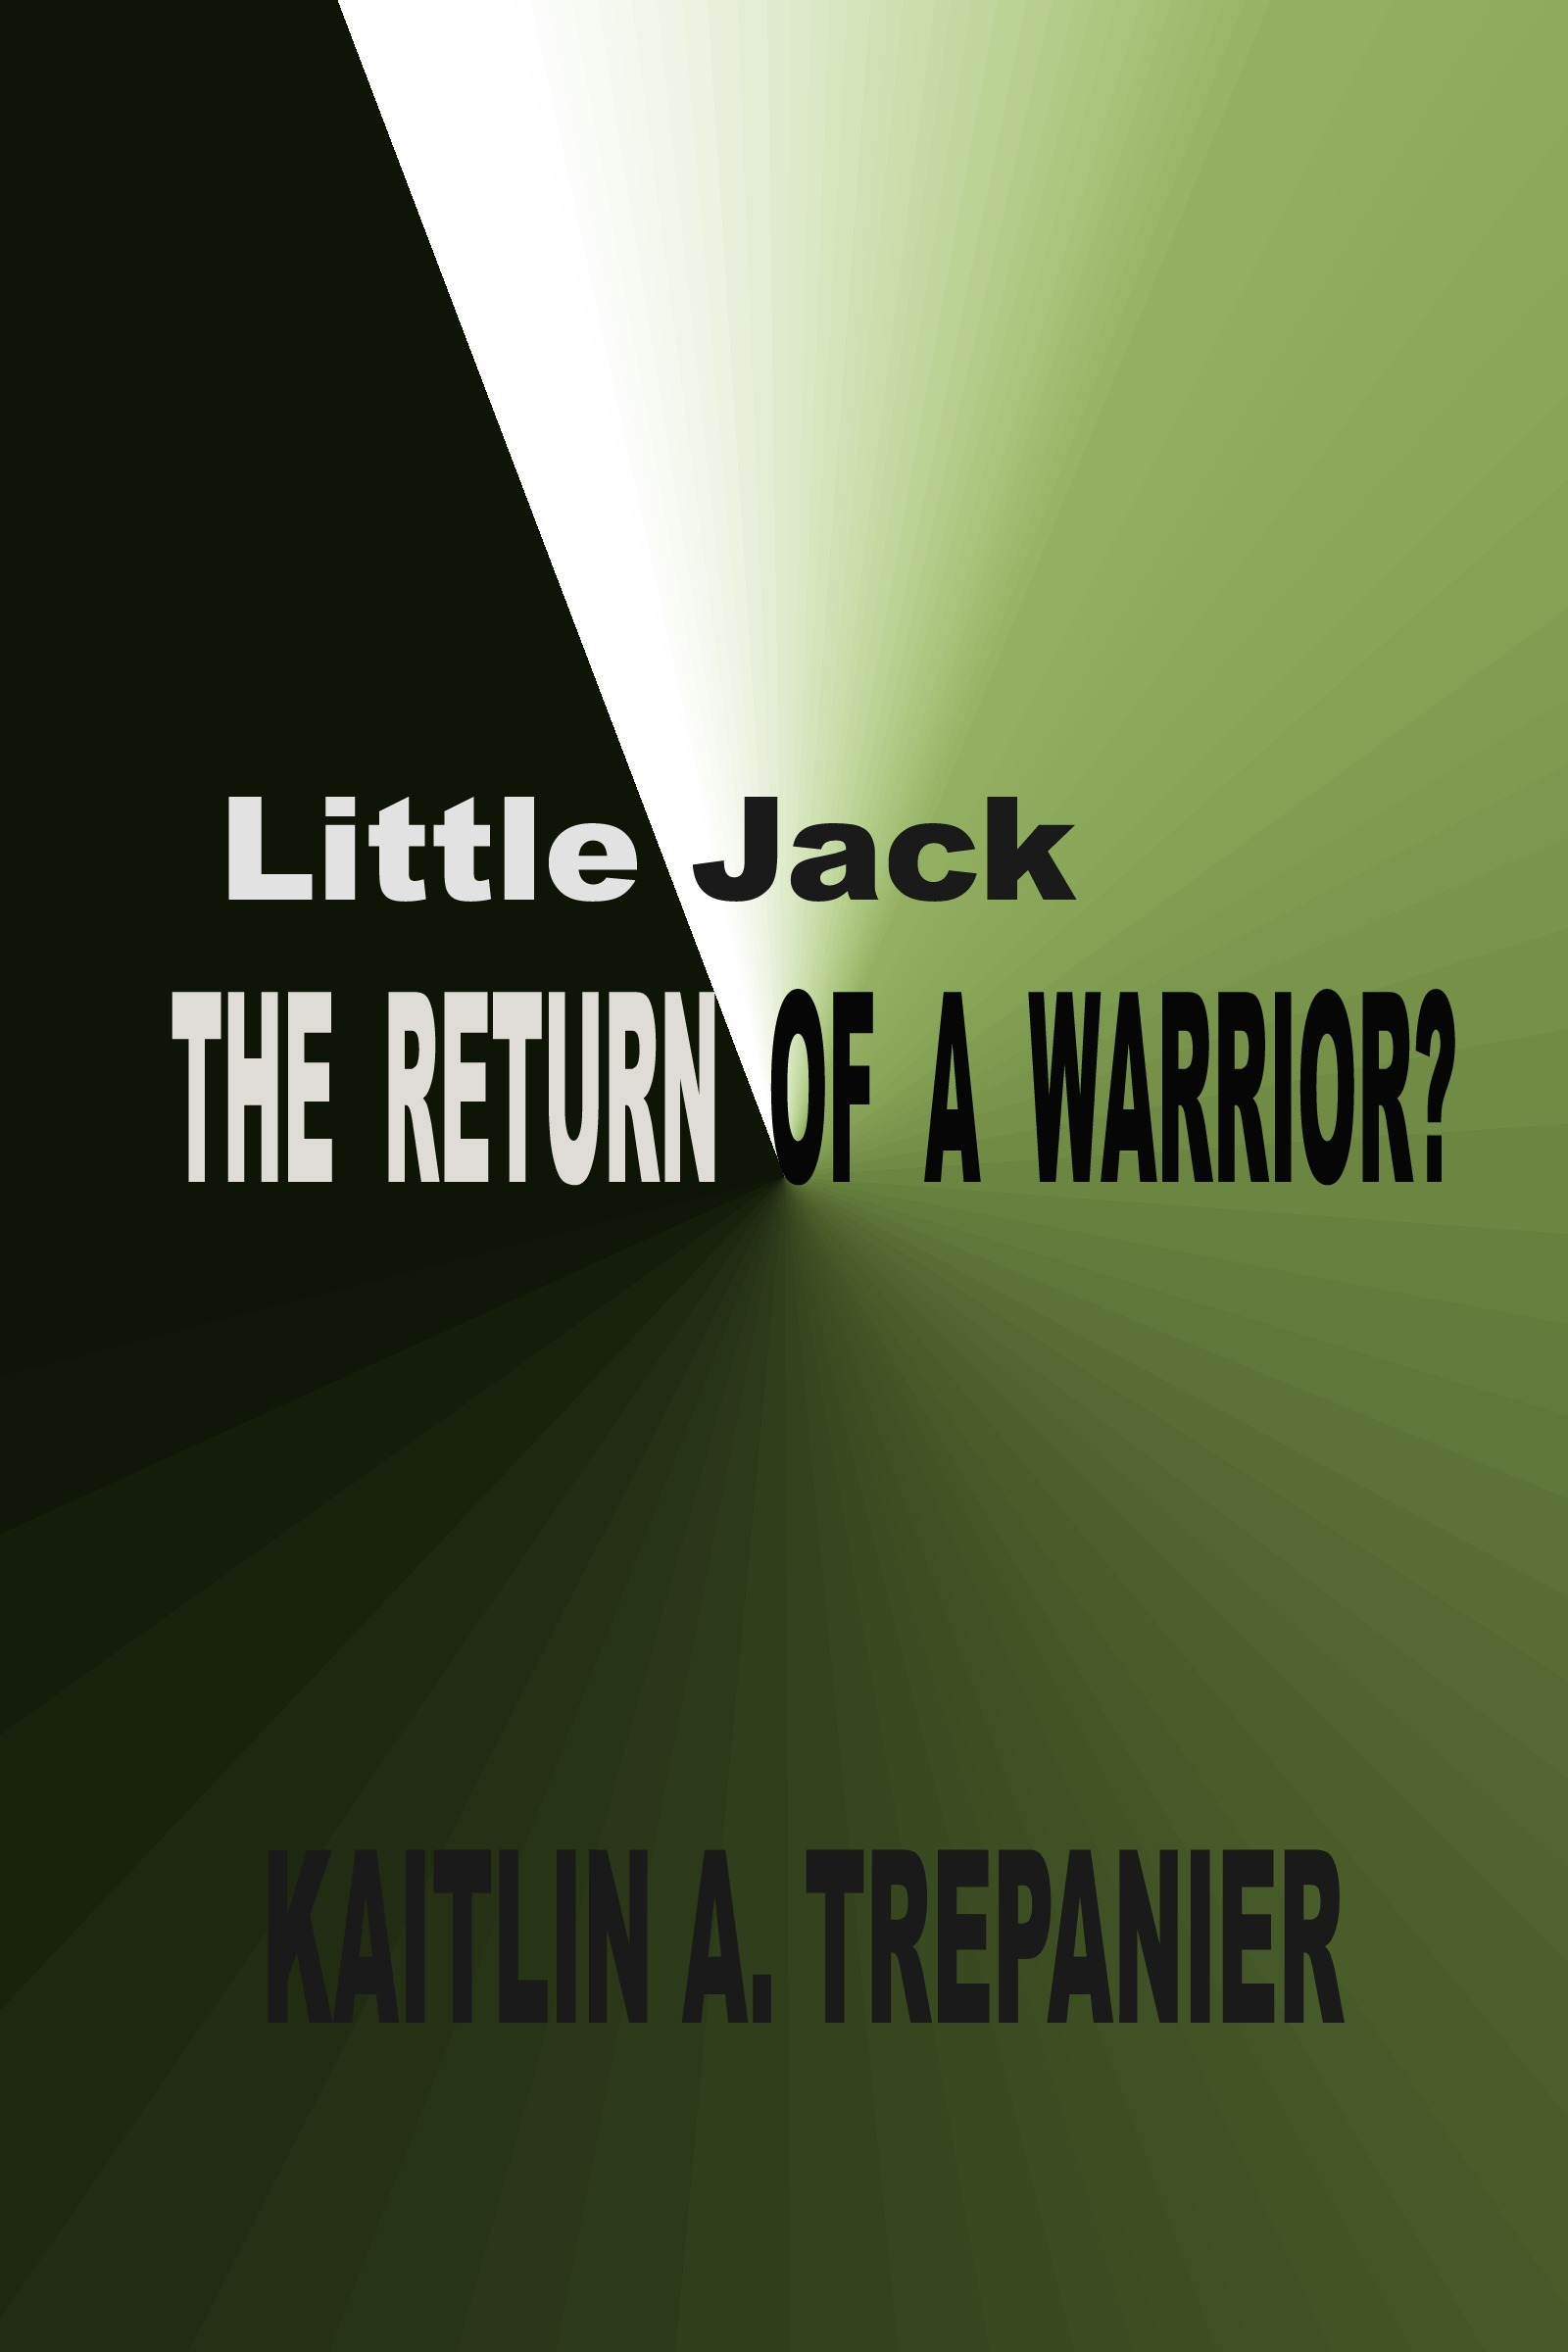 Little Jack ... The Return of a Warrior?  by  Kaitlin A. Trepanier